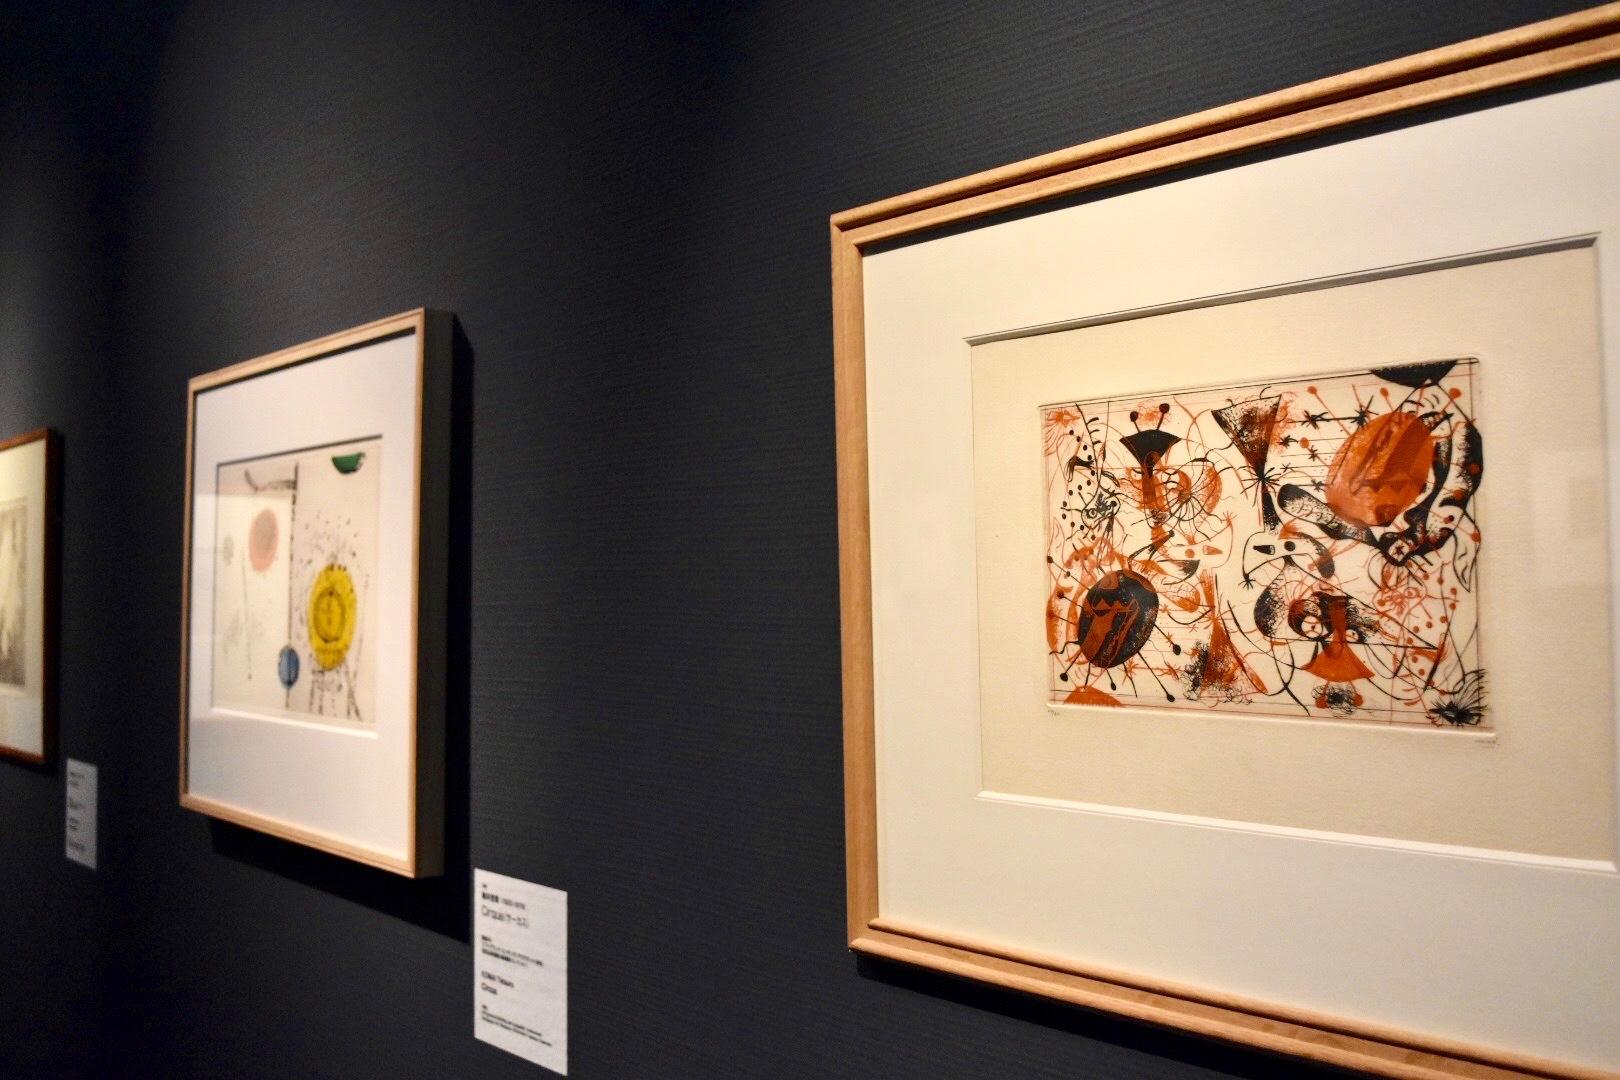 《黒と赤のシリーズ No.8》 ジョアン・ミロ 1938年 横浜美術館蔵